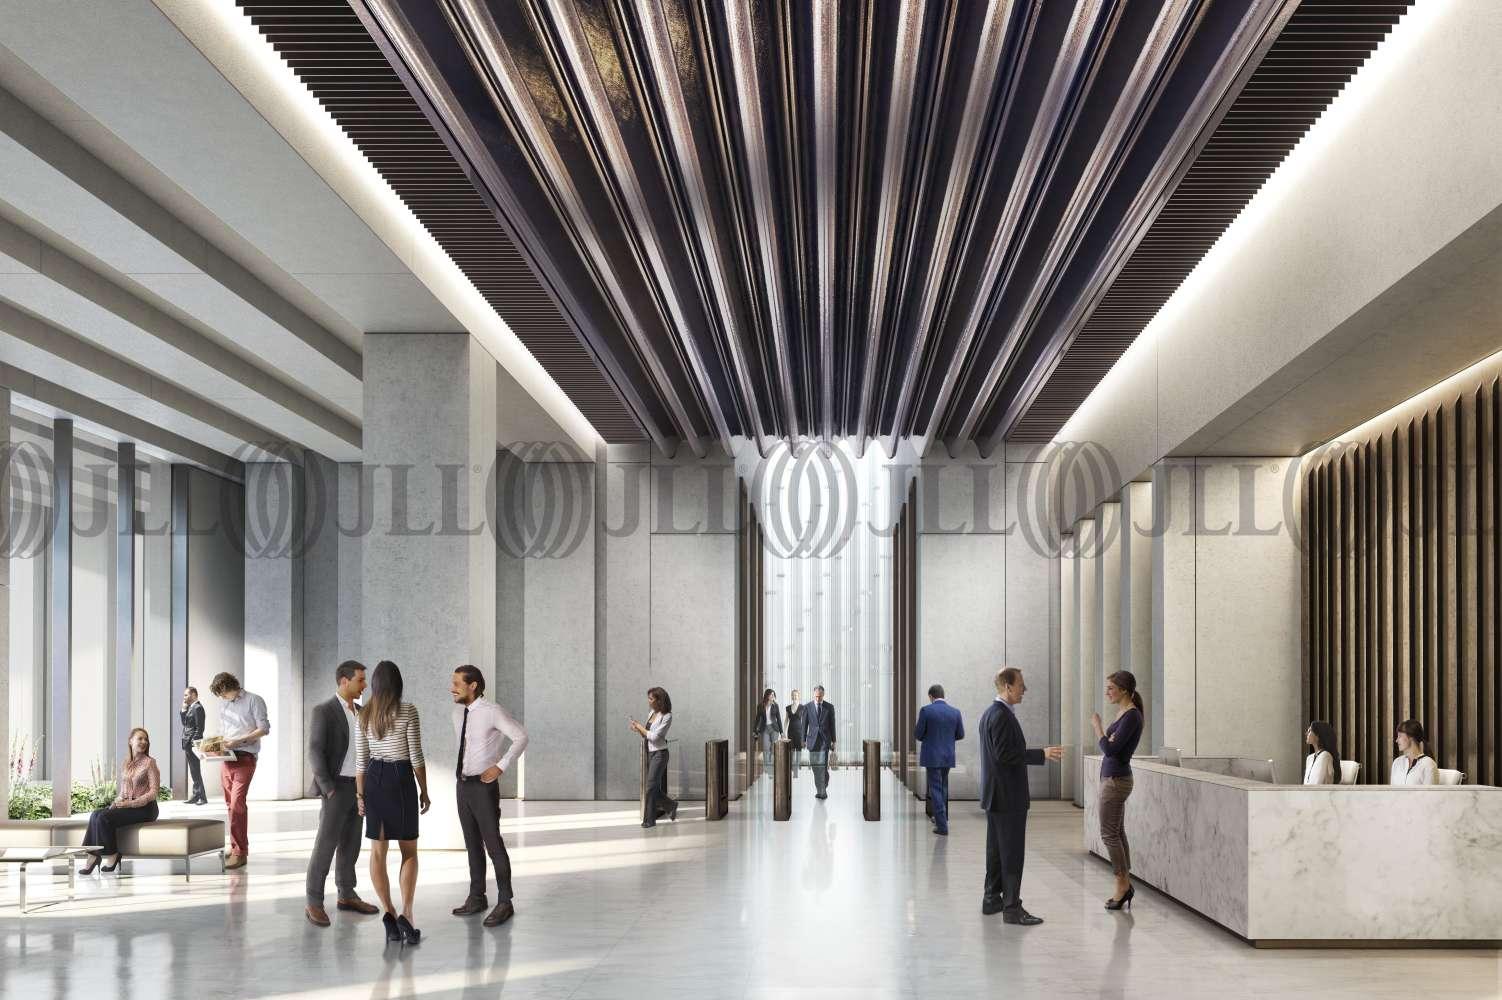 Office London, EC2Y 5DA - 2 London Wall Place